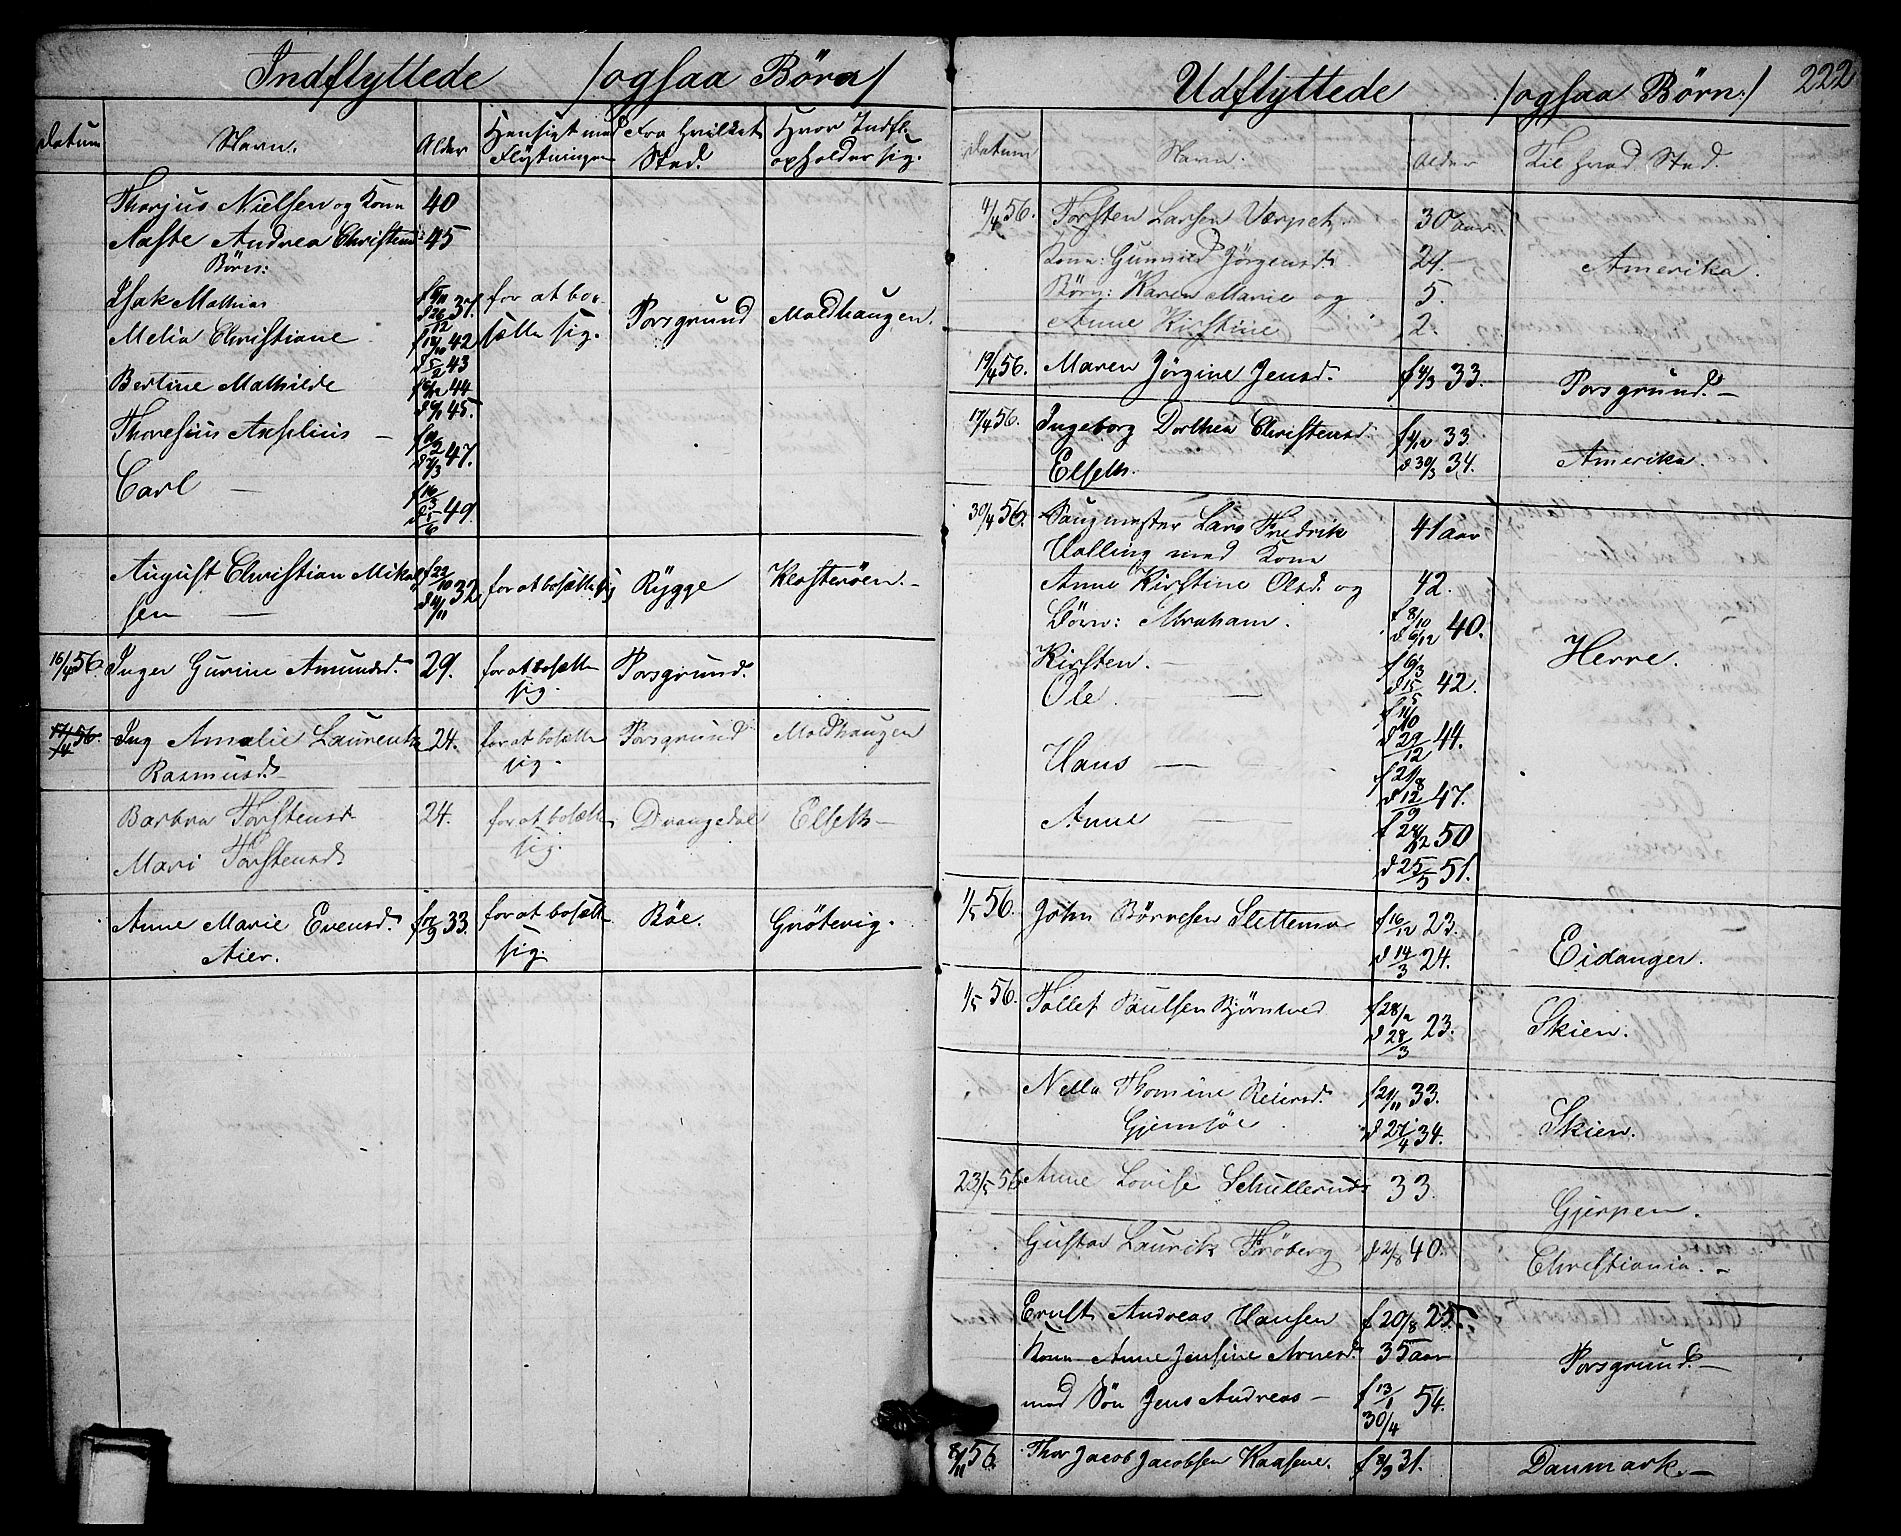 SAKO, Solum kirkebøker, G/Ga/L0003: Klokkerbok nr. I 3, 1848-1859, s. 222